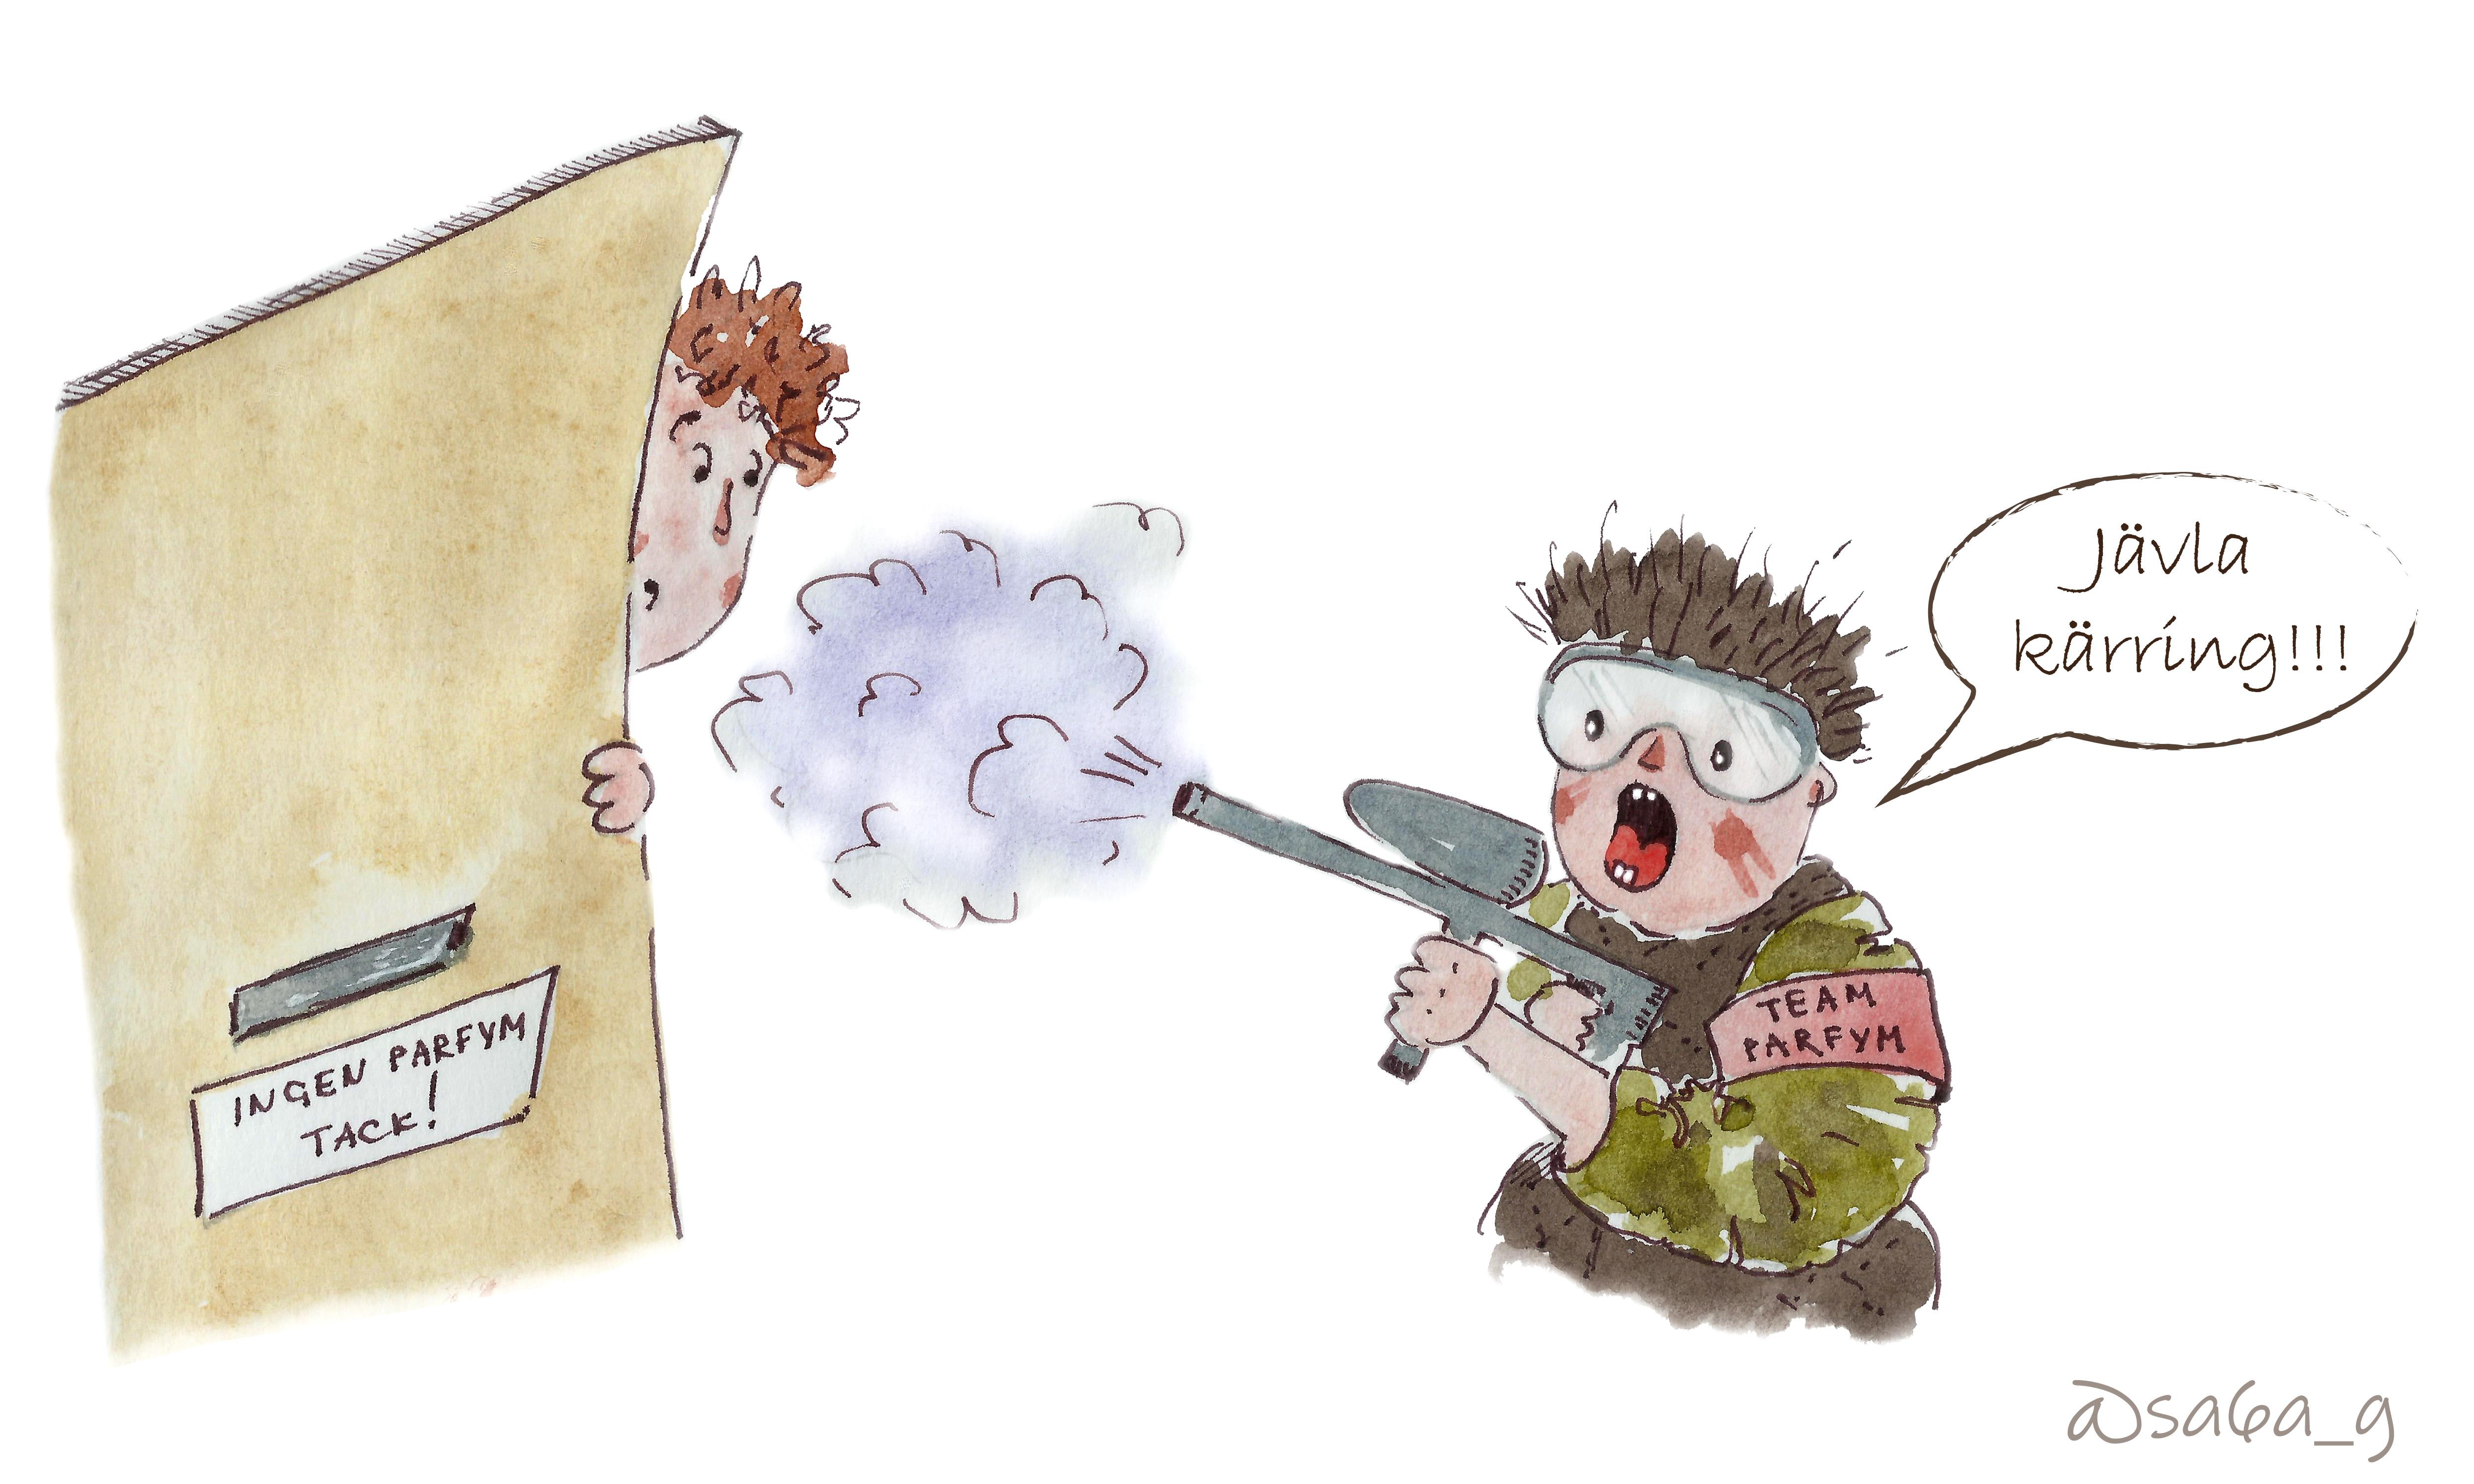 """En kvinna kikar försiktigt ut från en ytterdörr. På ytterdörren är en dekal som säger """"Ingen parfym tack"""". På utsidan av dörren står en militär klädd person med ett vapen som sprutar parfym och utropar """"Jävla kärring!!!"""""""